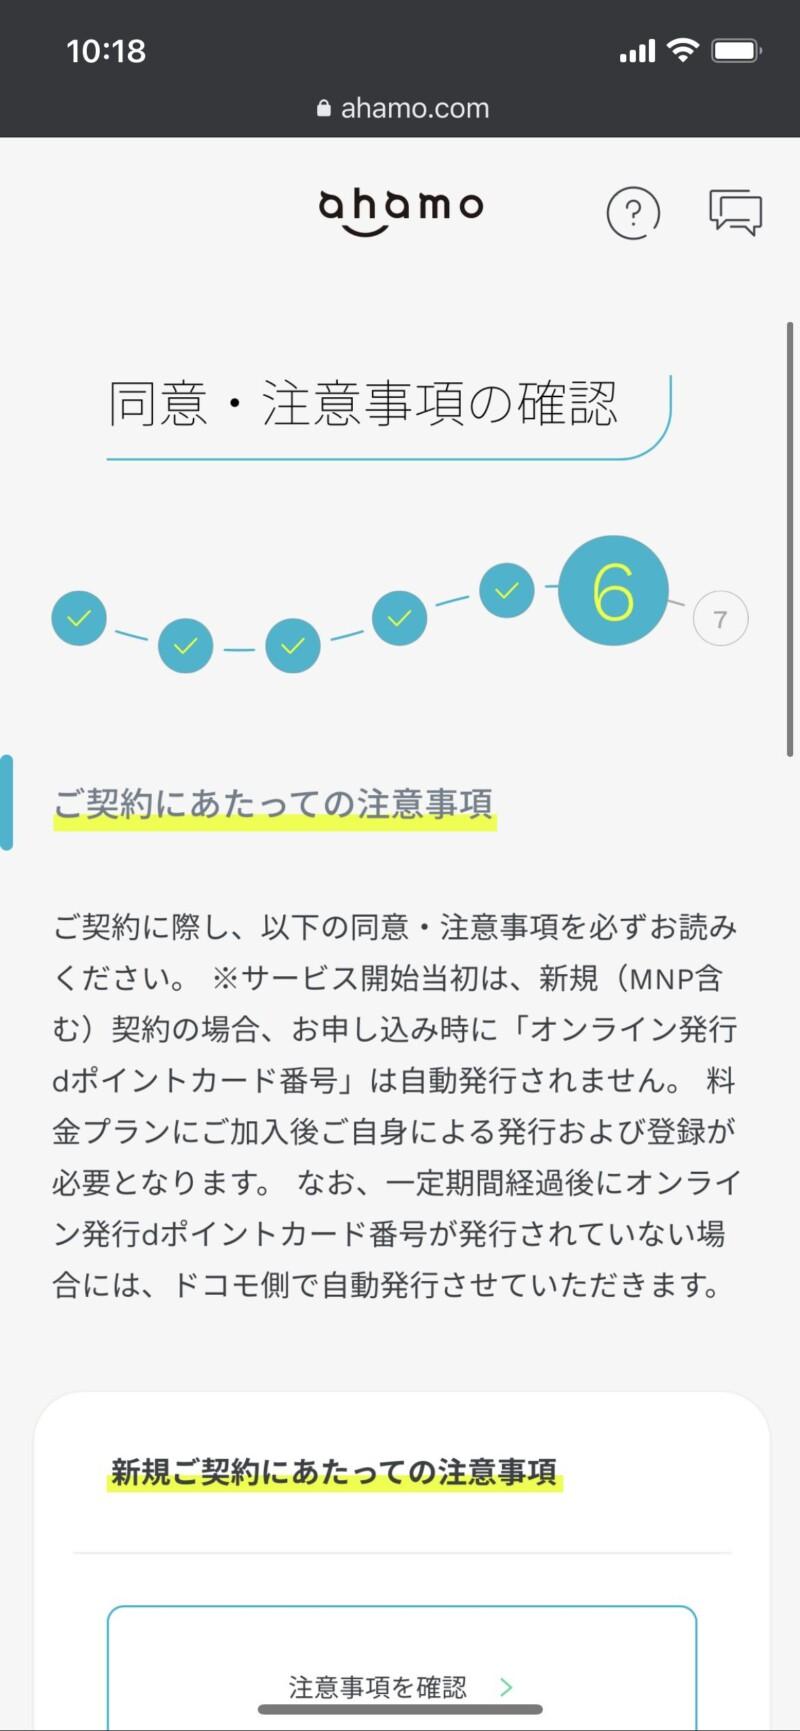 ahamo(アハモ)申し込みのやり方・手順13